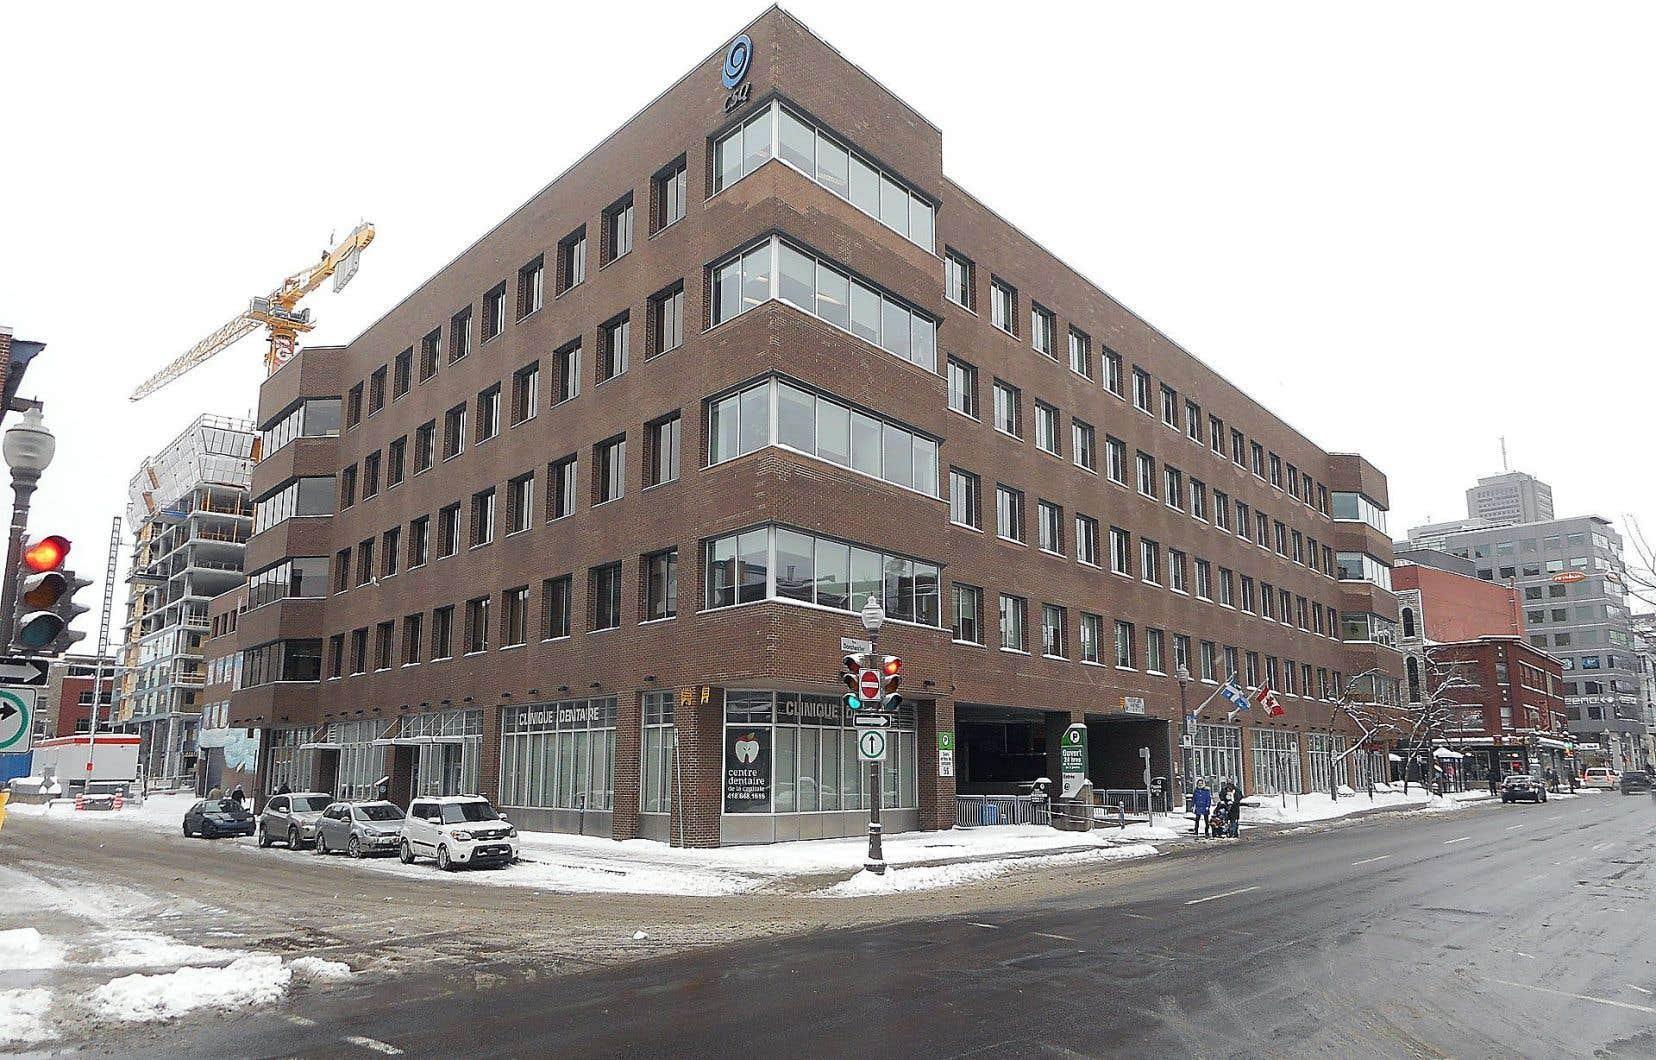 Les tours de refroidissement du Complexe Place Jacques-Cartier, dans le quartier où habitaient les victimes, ont été établies comme étant la source de propagation de l'infection.